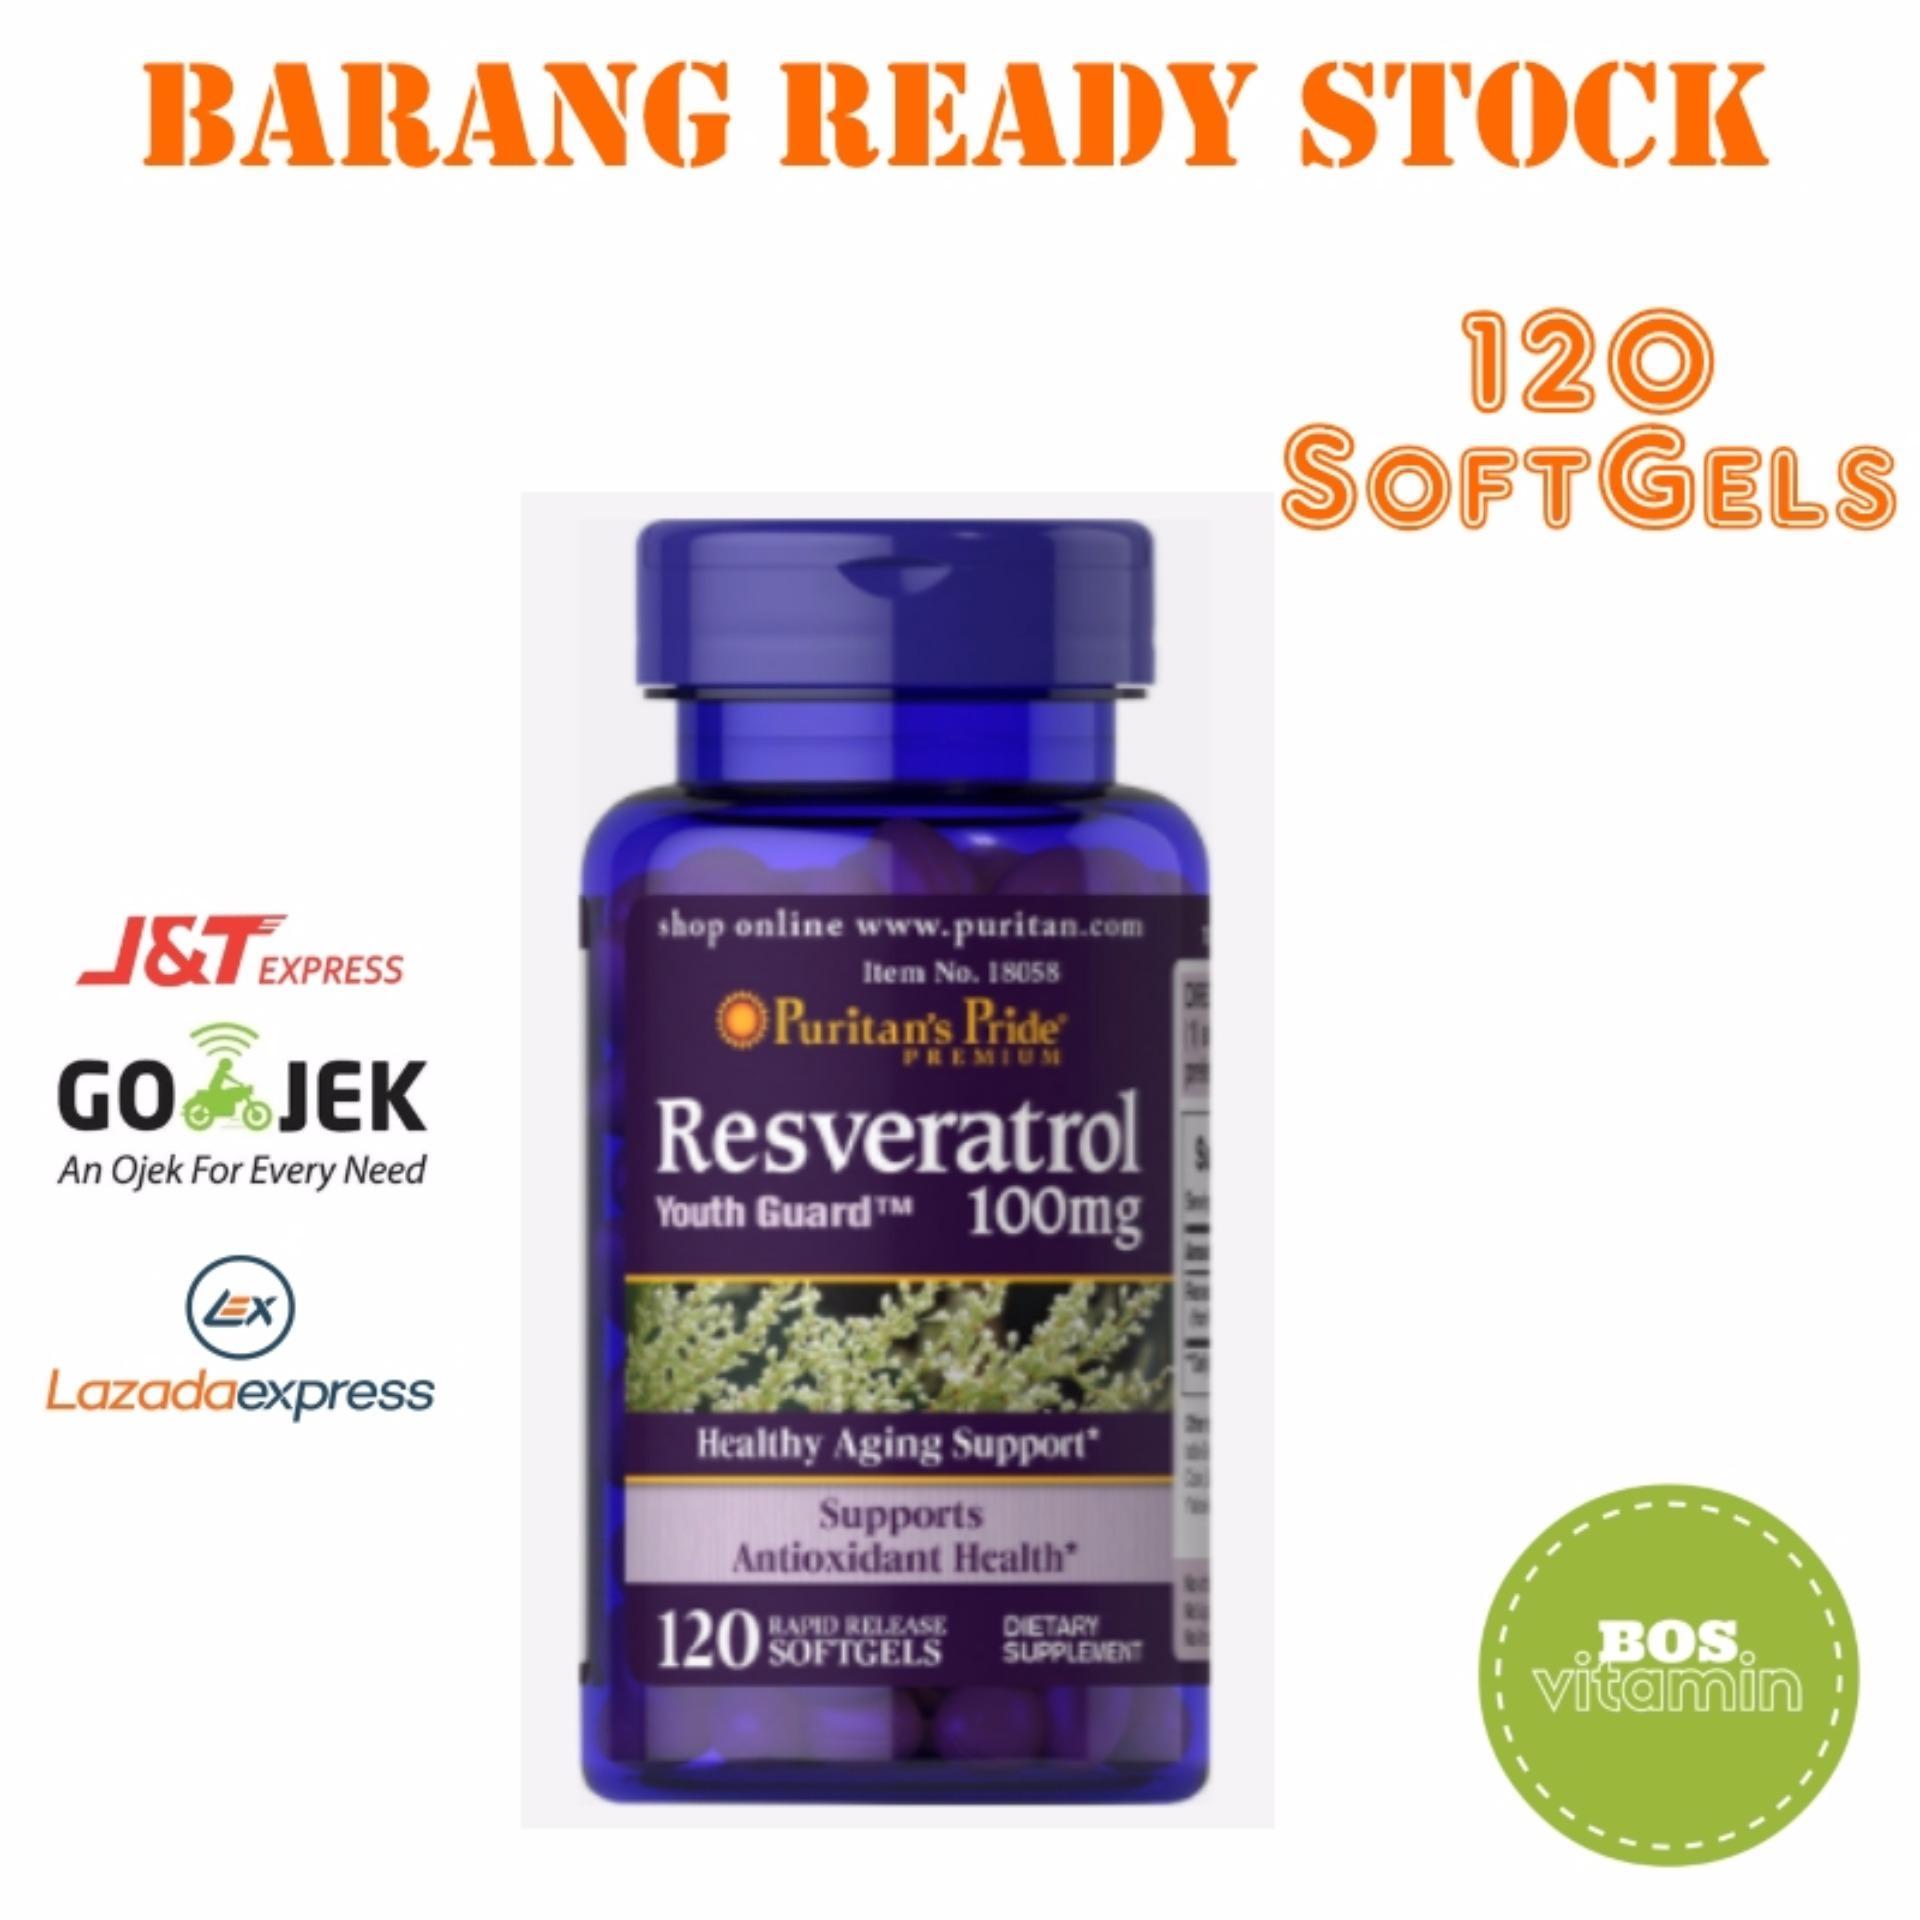 Pencarian Termurah Puritan's Pride Resveratrol Healthy Aging Support - 120 SoftGels harga penawaran - Hanya Rp287.700